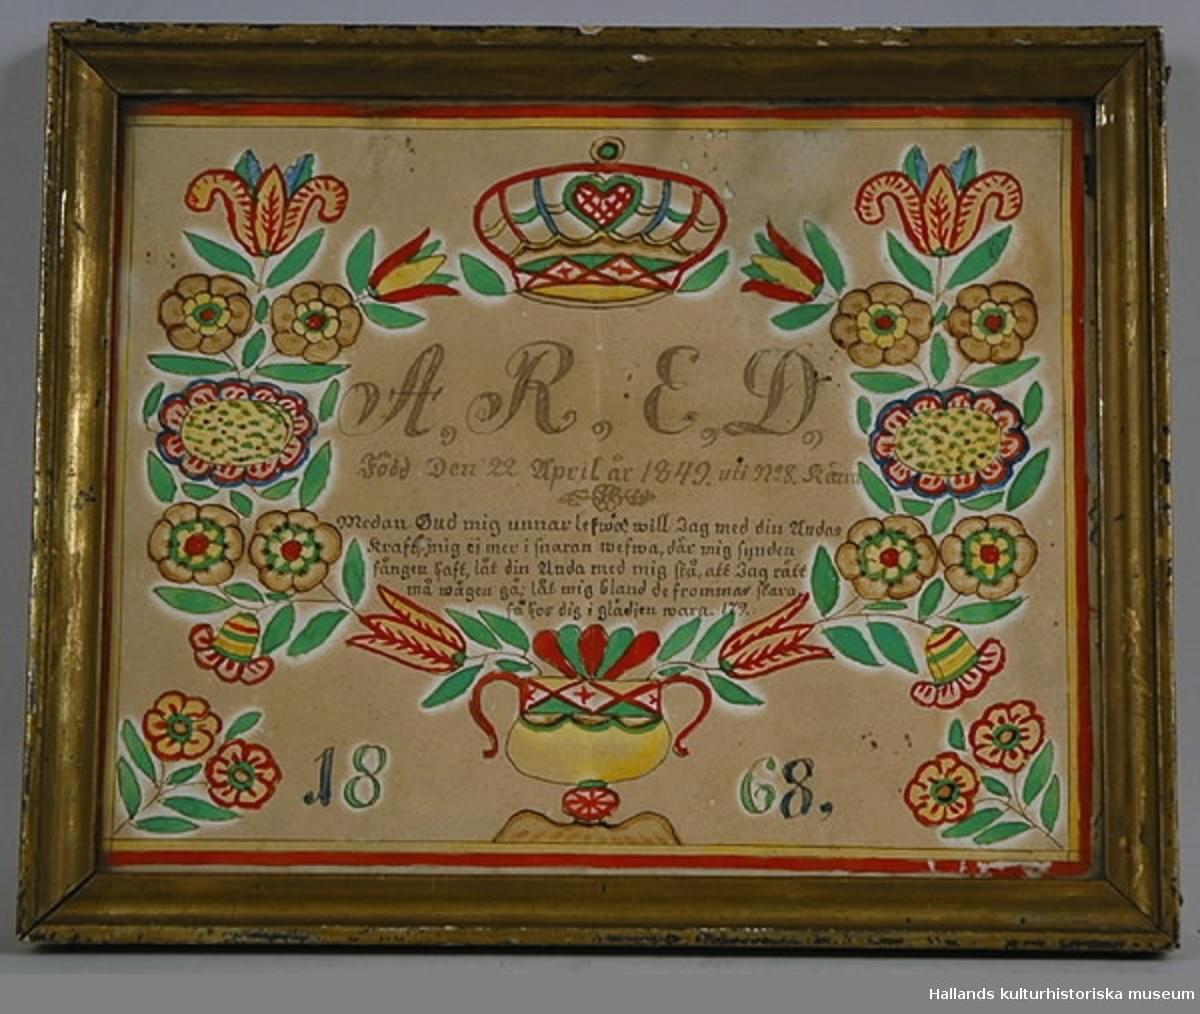 """Födelsetavla, märkt: """"A. R. E. D."""", """"Anna Regina Elidotter. Född Den 22 April år 1849 uti no 8 Kärra"""". Akvarell i grönt och rött. Bronserad träram."""